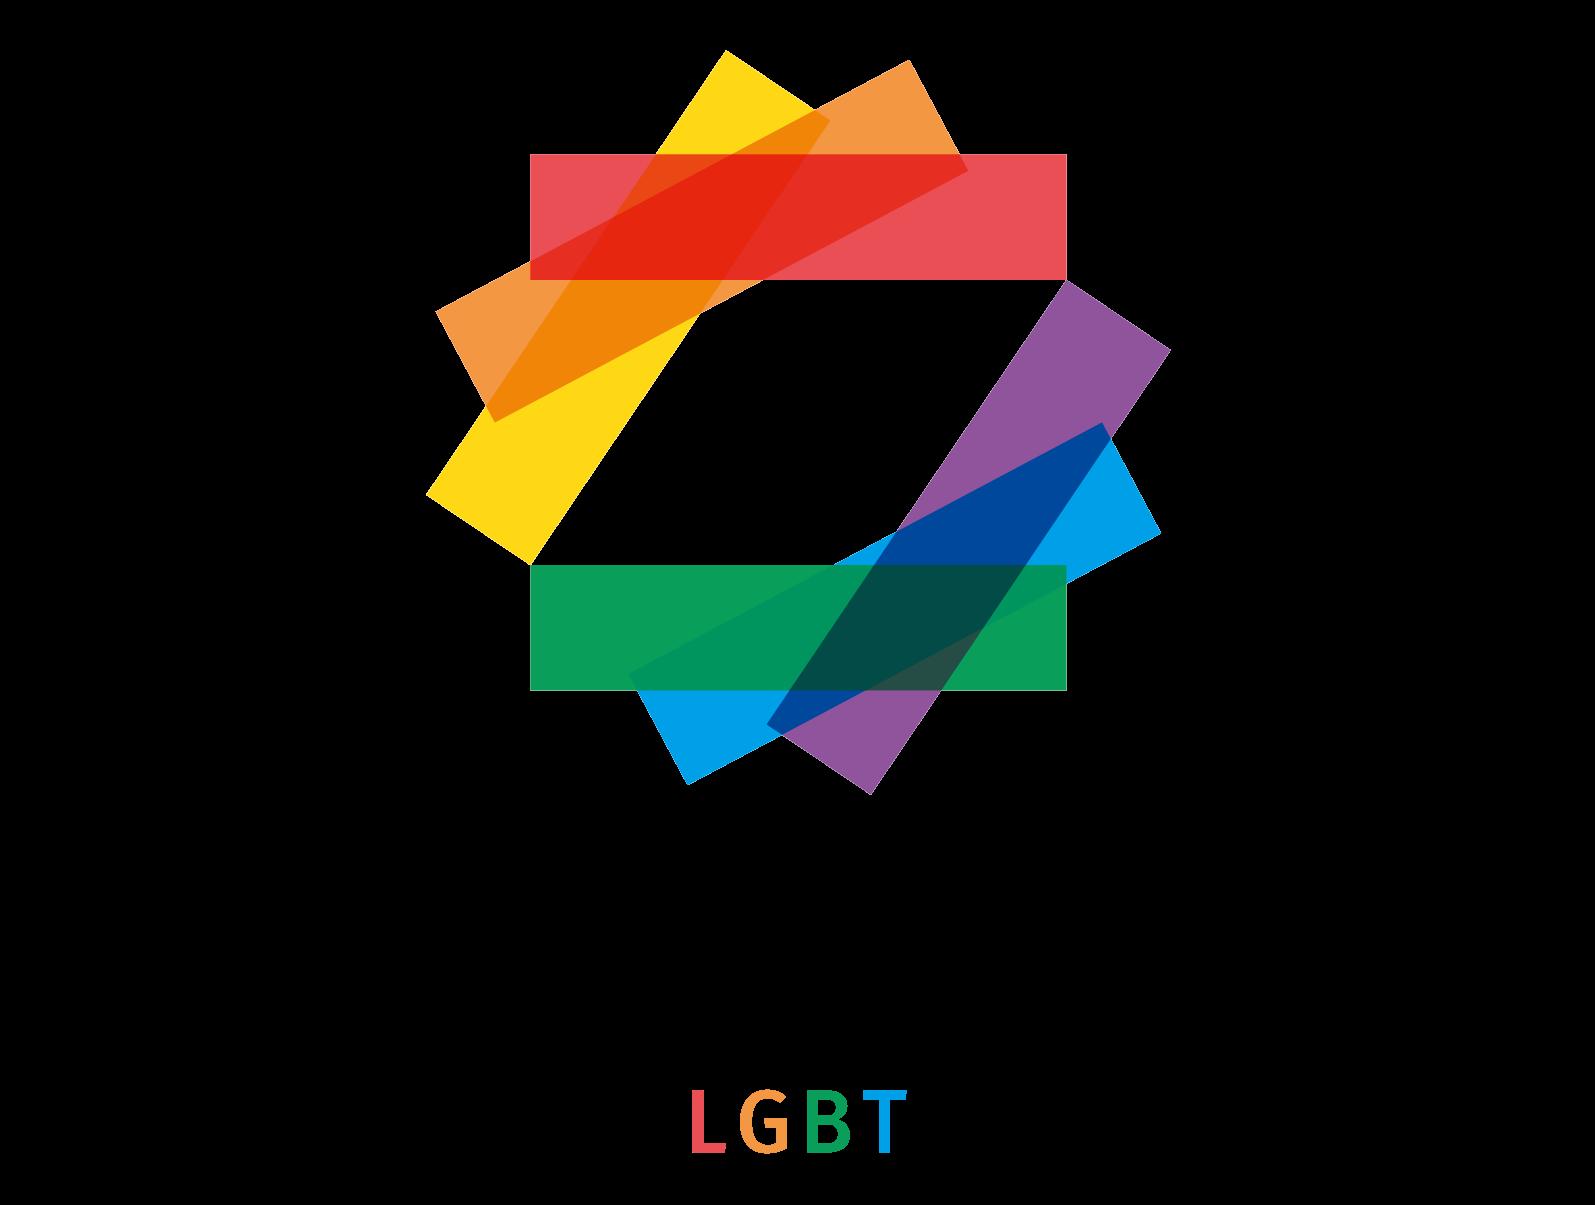 #Equality Act Japan 日本にもLGBT平等法を